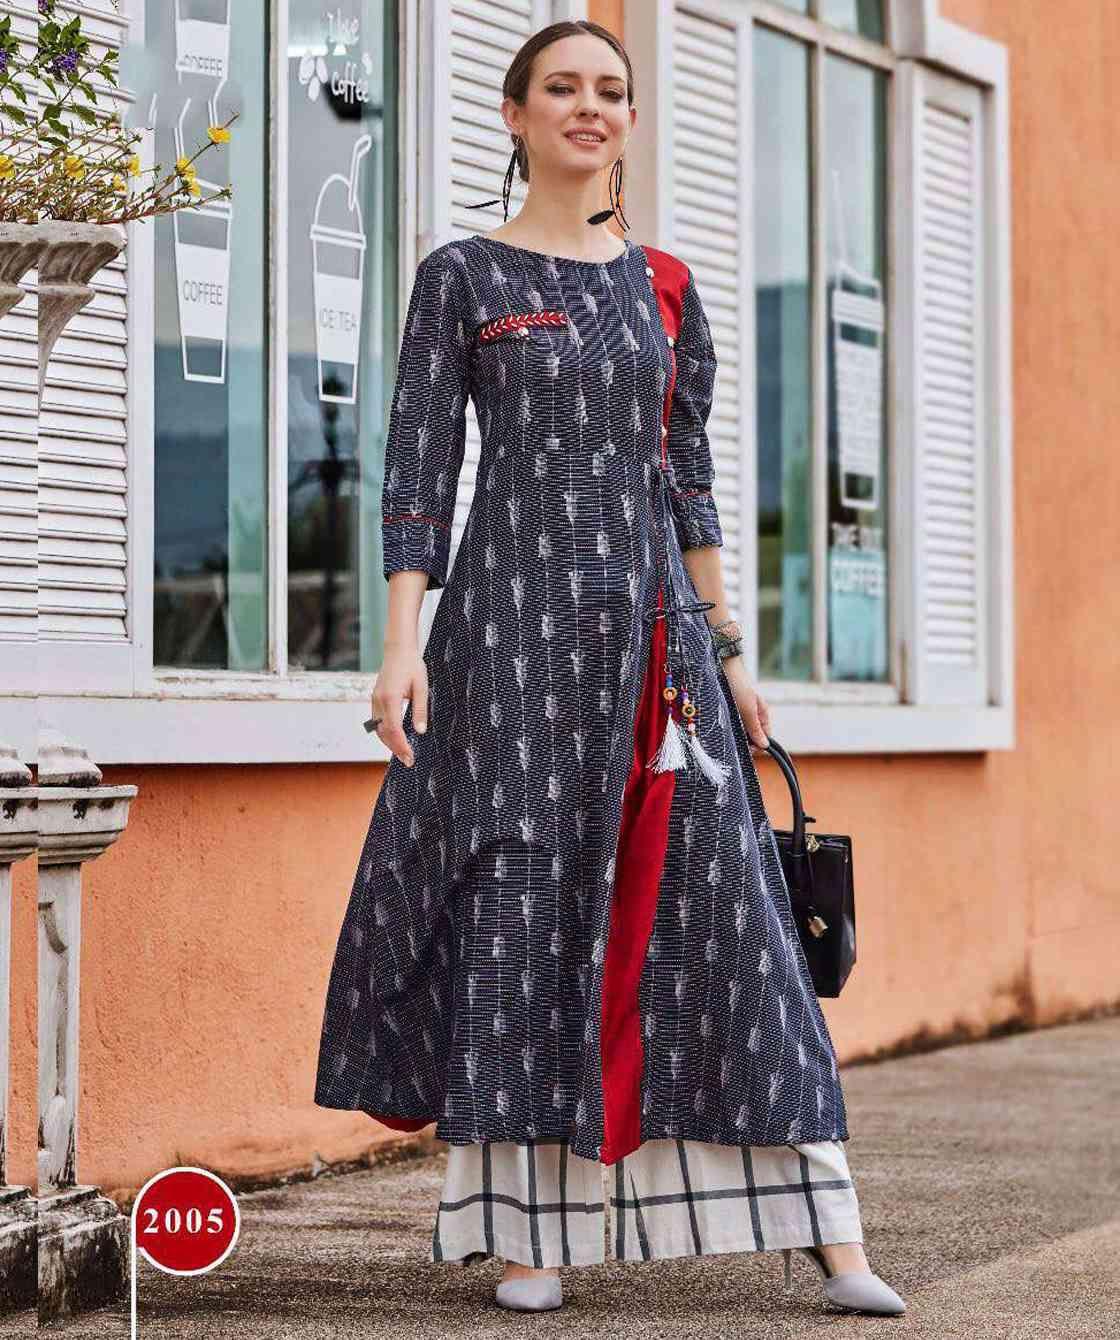 2eda960b34 Printed Kurtis Wholesale Formal Wear, designer kurtis, buy kurti in  wholesale rate, stylish kurtis collection, surat wholesale kurti,